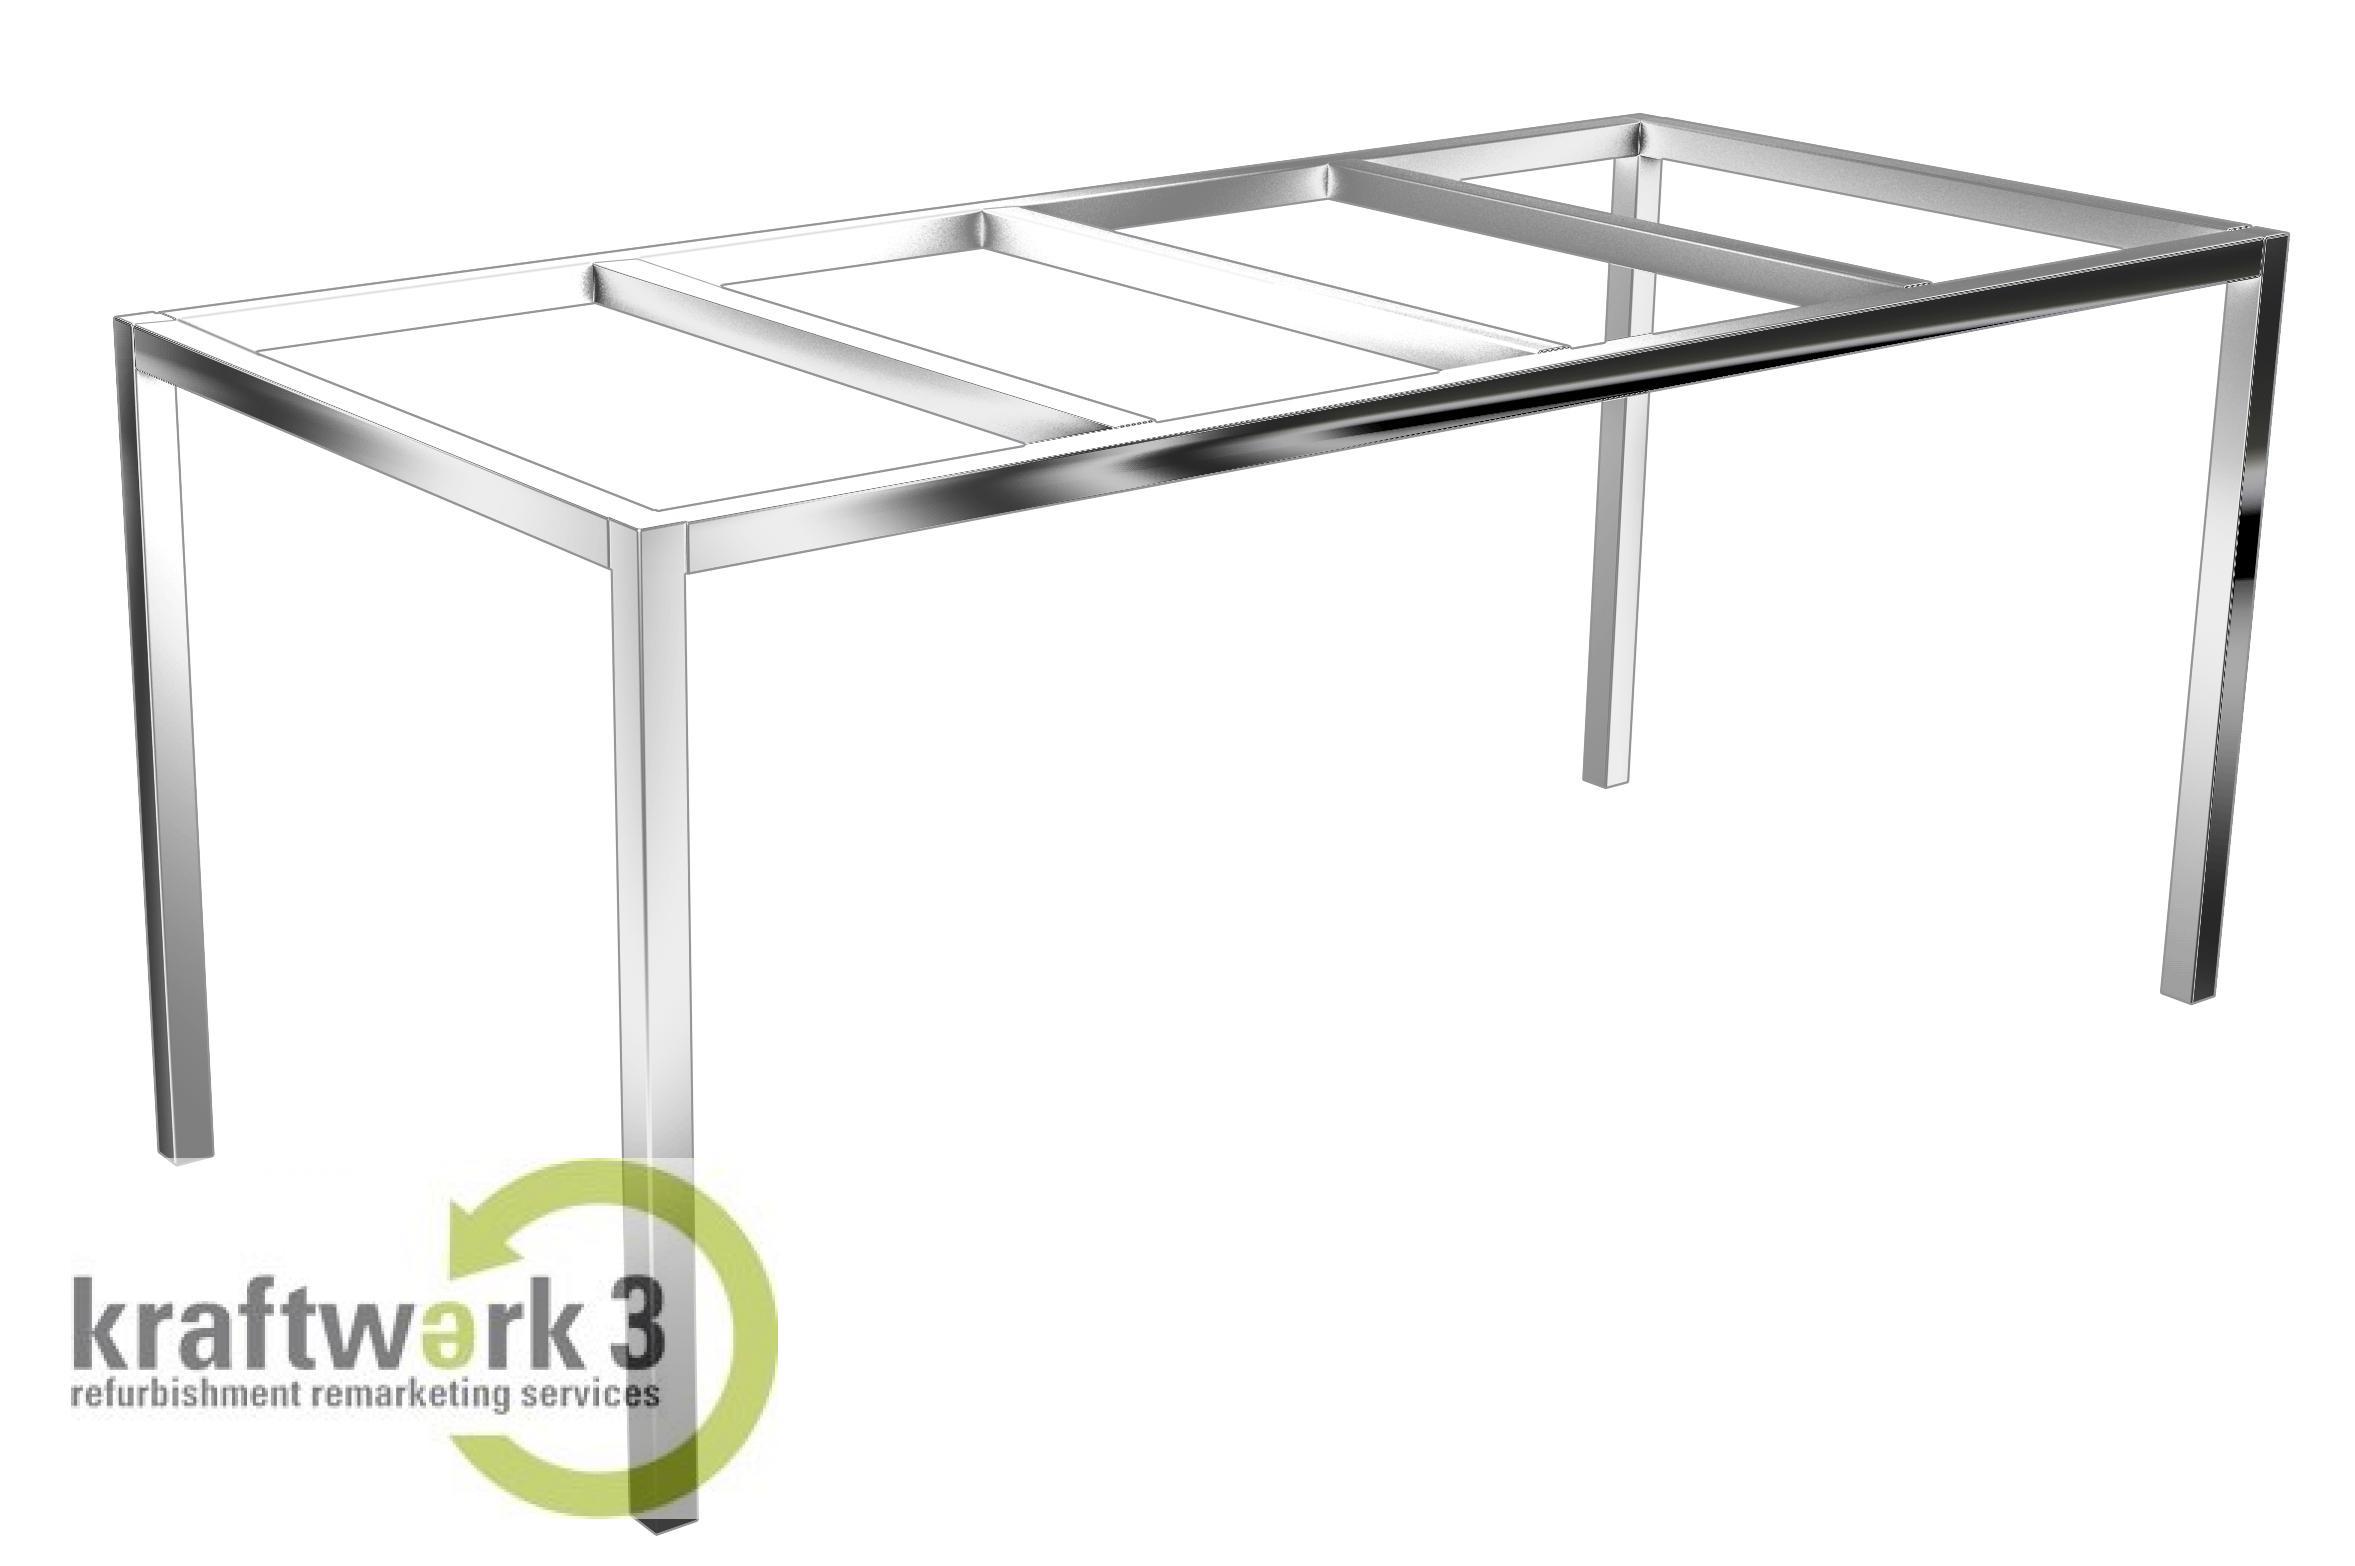 ikea table frame torsby base without tabletop chromed new ebay. Black Bedroom Furniture Sets. Home Design Ideas